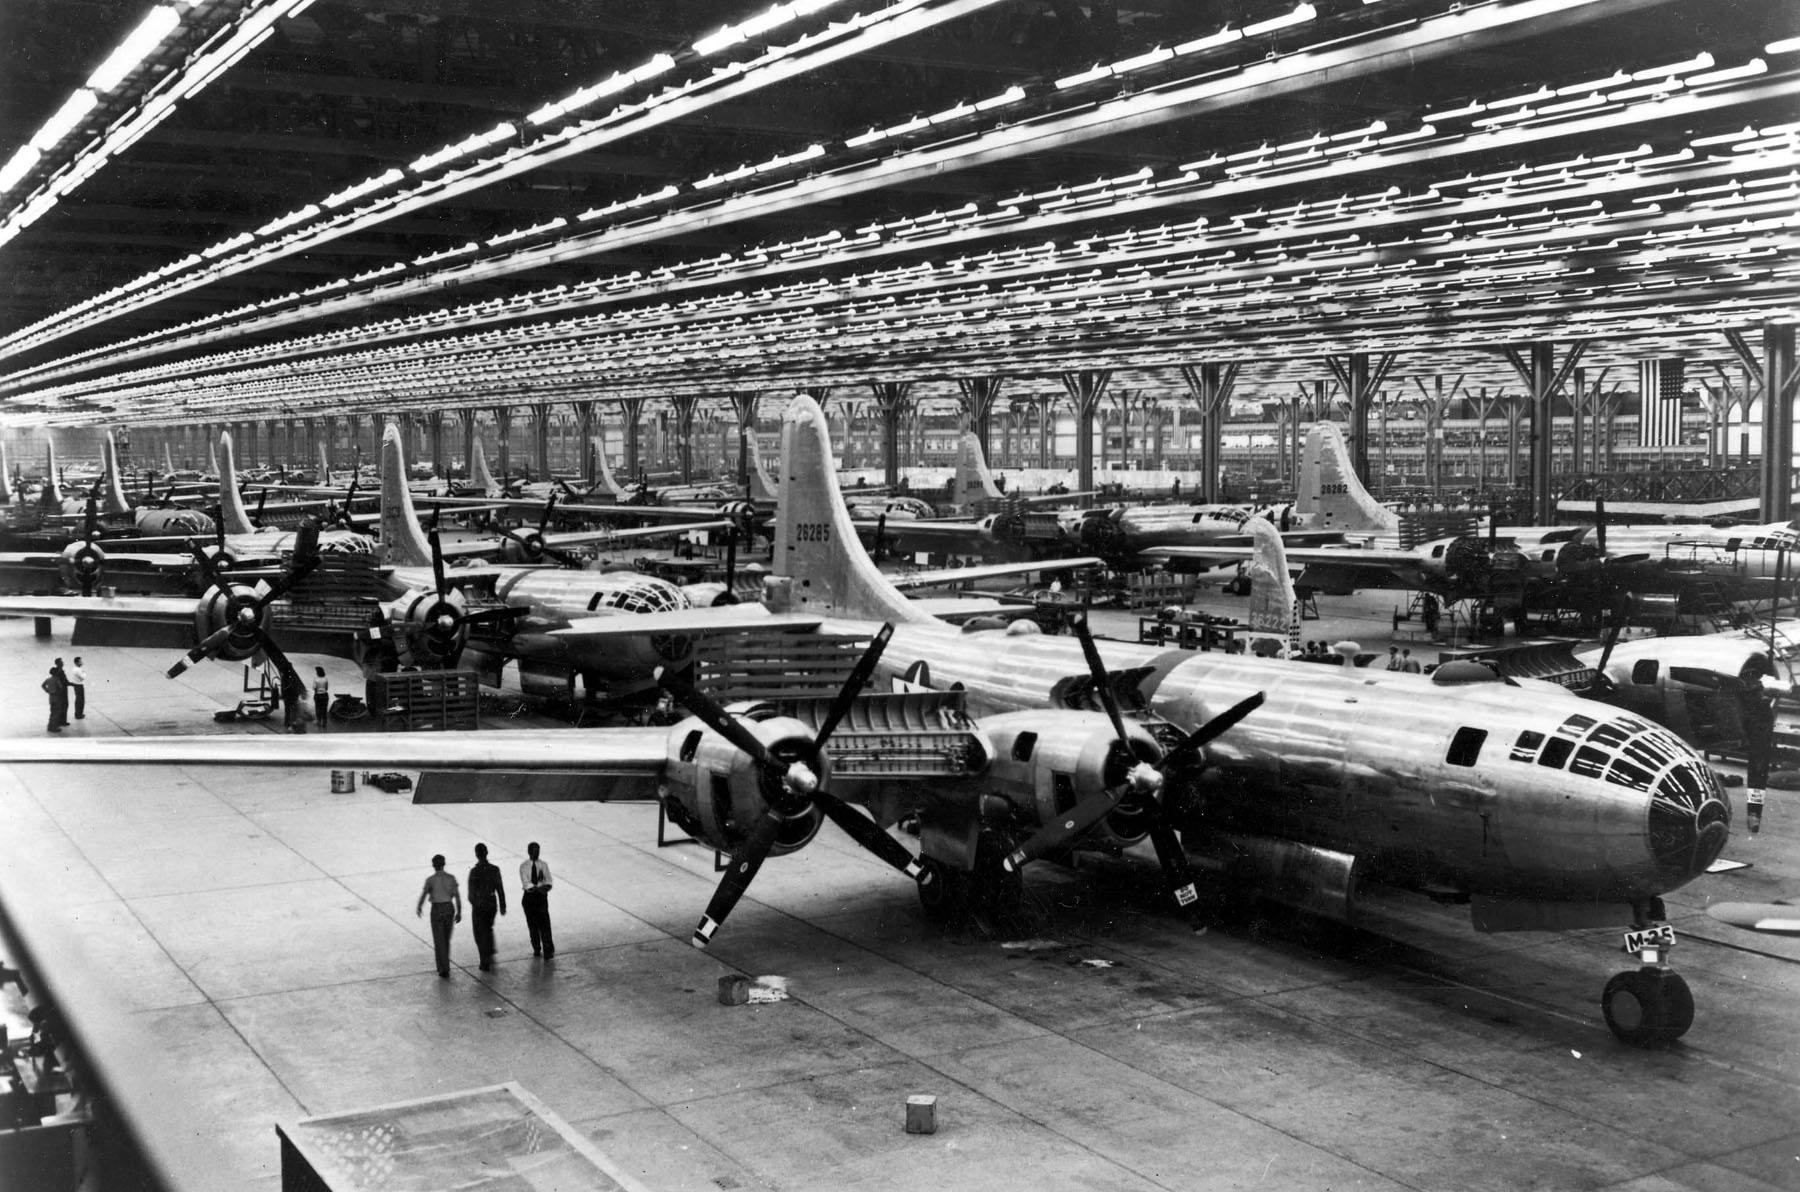 Impresionante línea de montaje de Superfortress en la planta de Wichita. Fotografías así explican mejor que mil palabras lo que supuso el poderío industrial norteamericano para la causa aliada (fuente: U.S. Air Force)